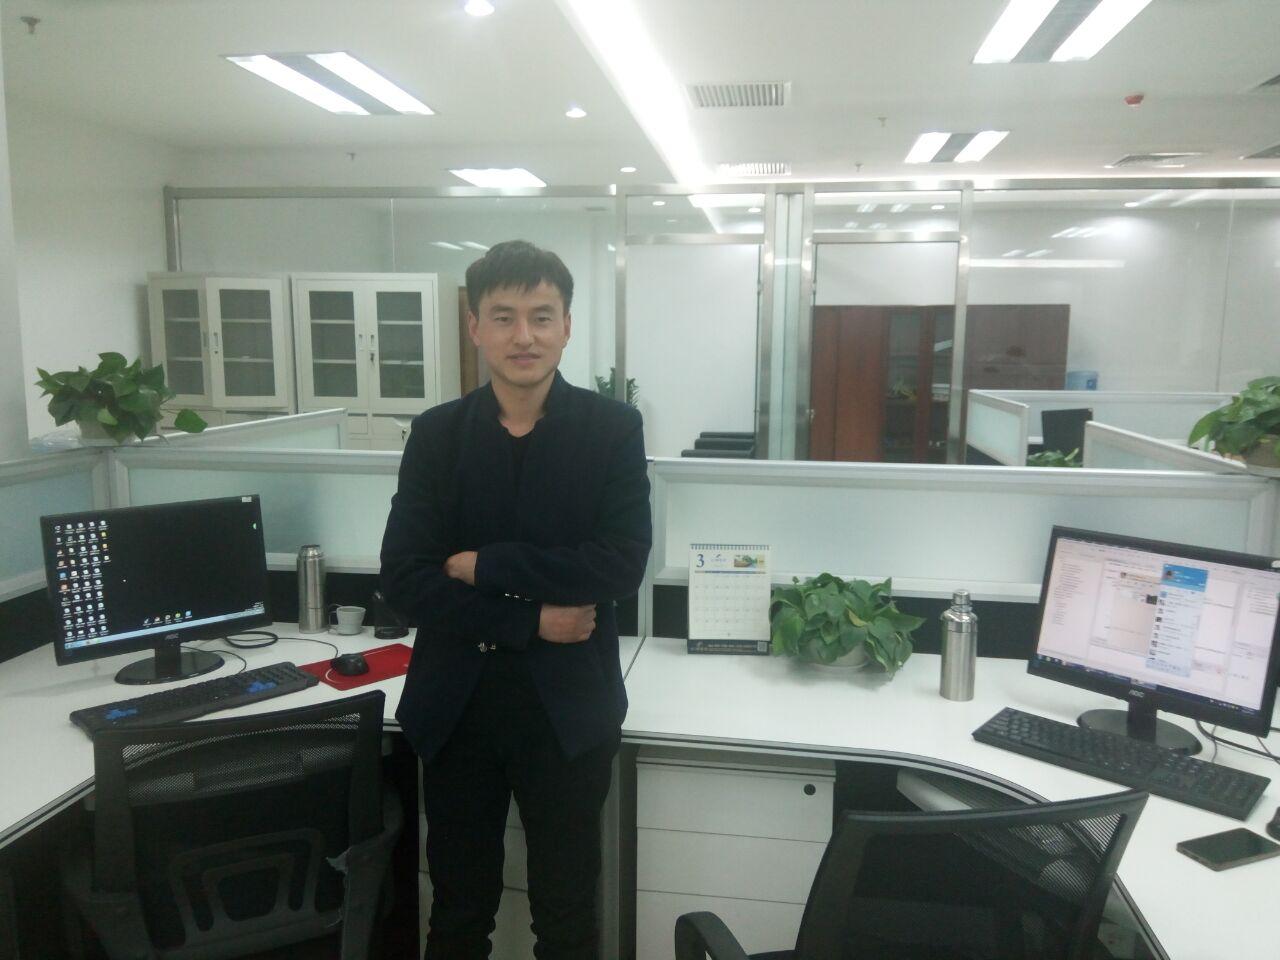 白富文-中搜电子商务有限公司.jpg